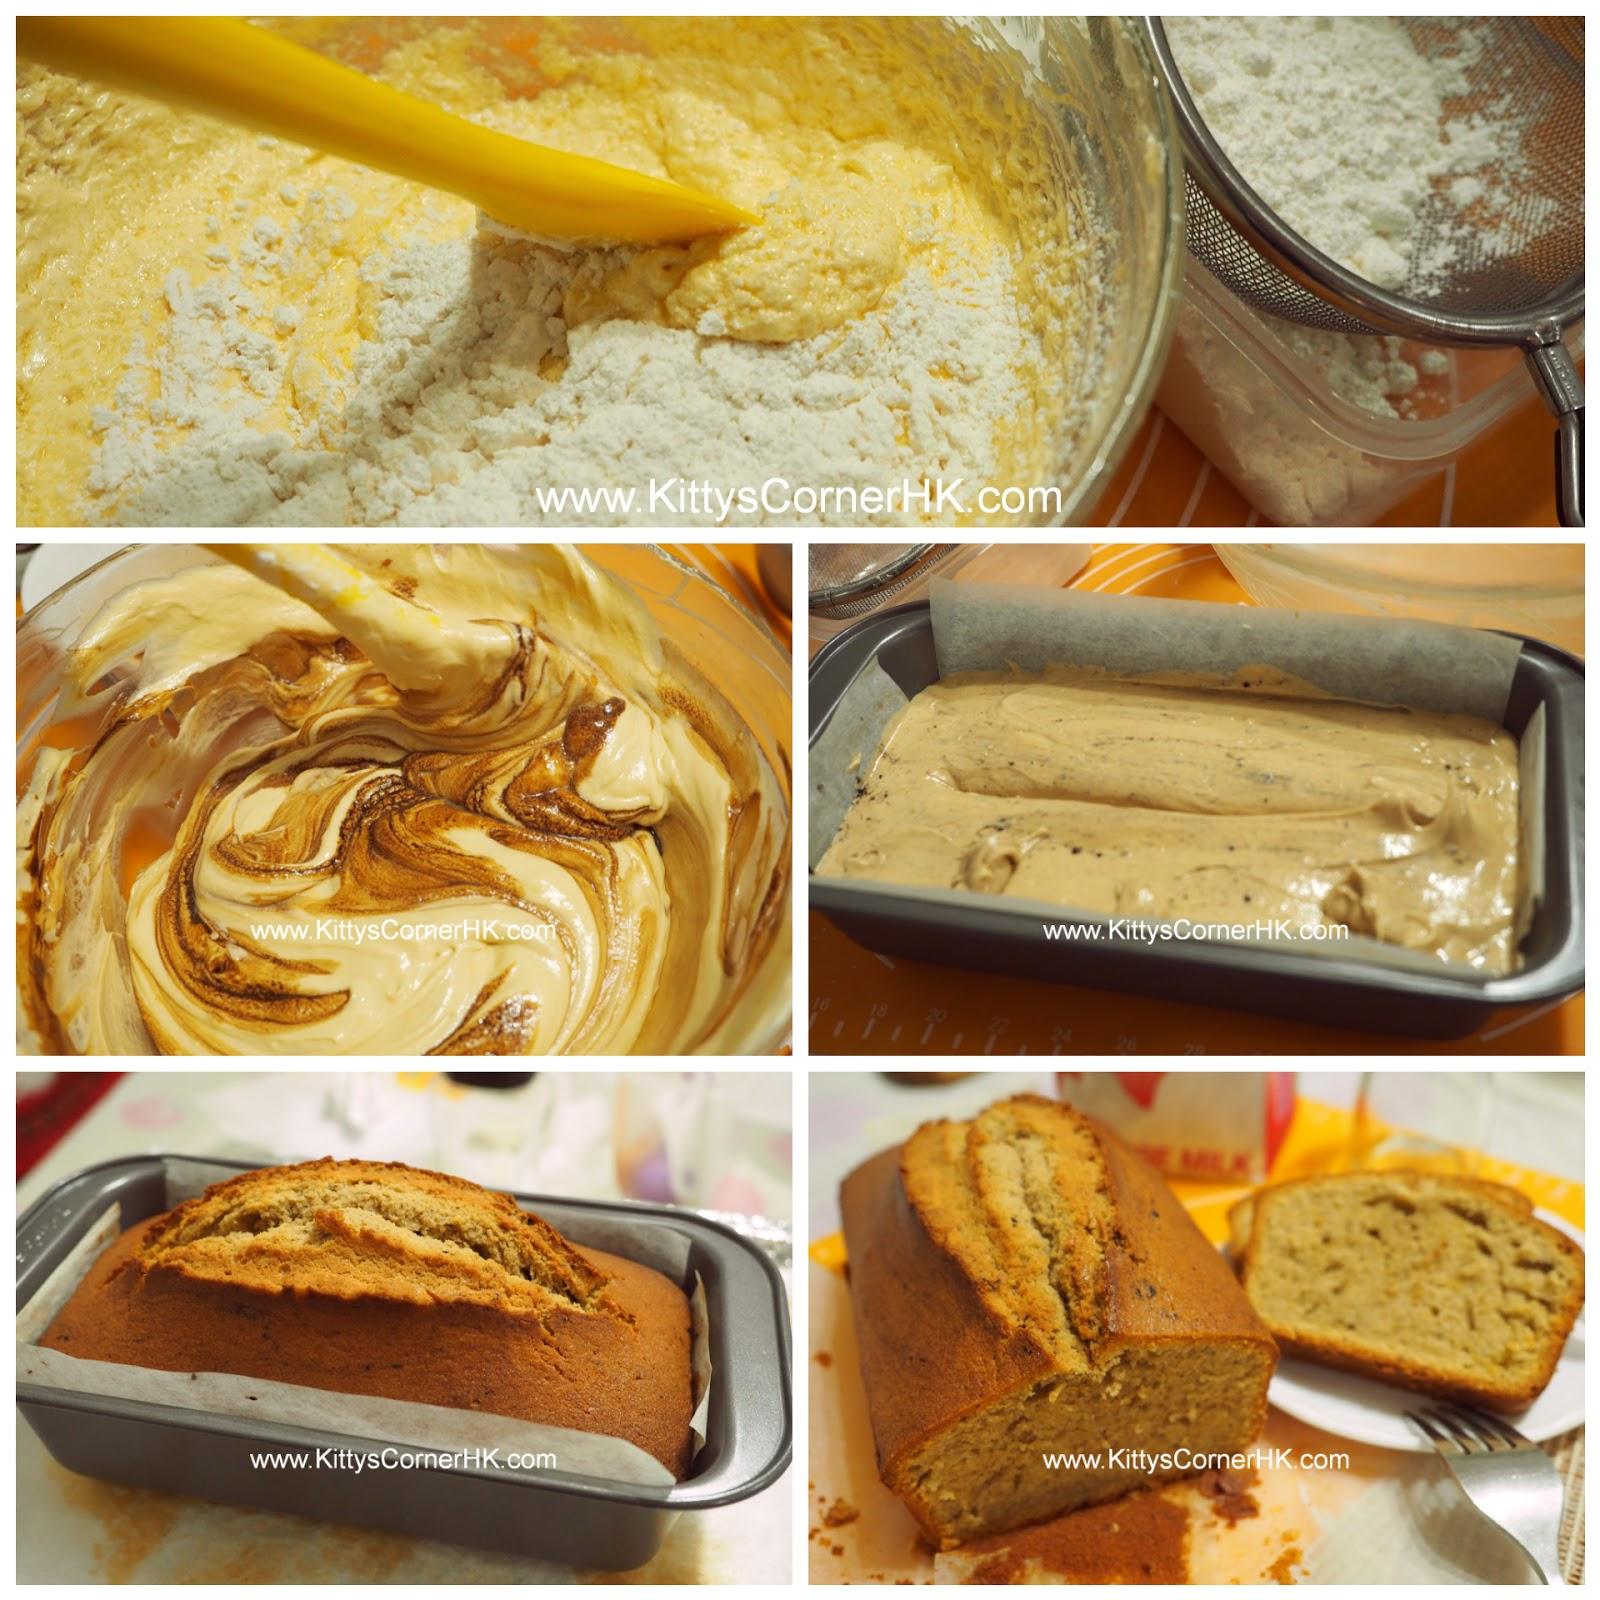 PoundButterCake with Coffee & Dark Malt DIY recipe 鮮油咖啡黑麥芽蛋糕 自家烘焙食譜